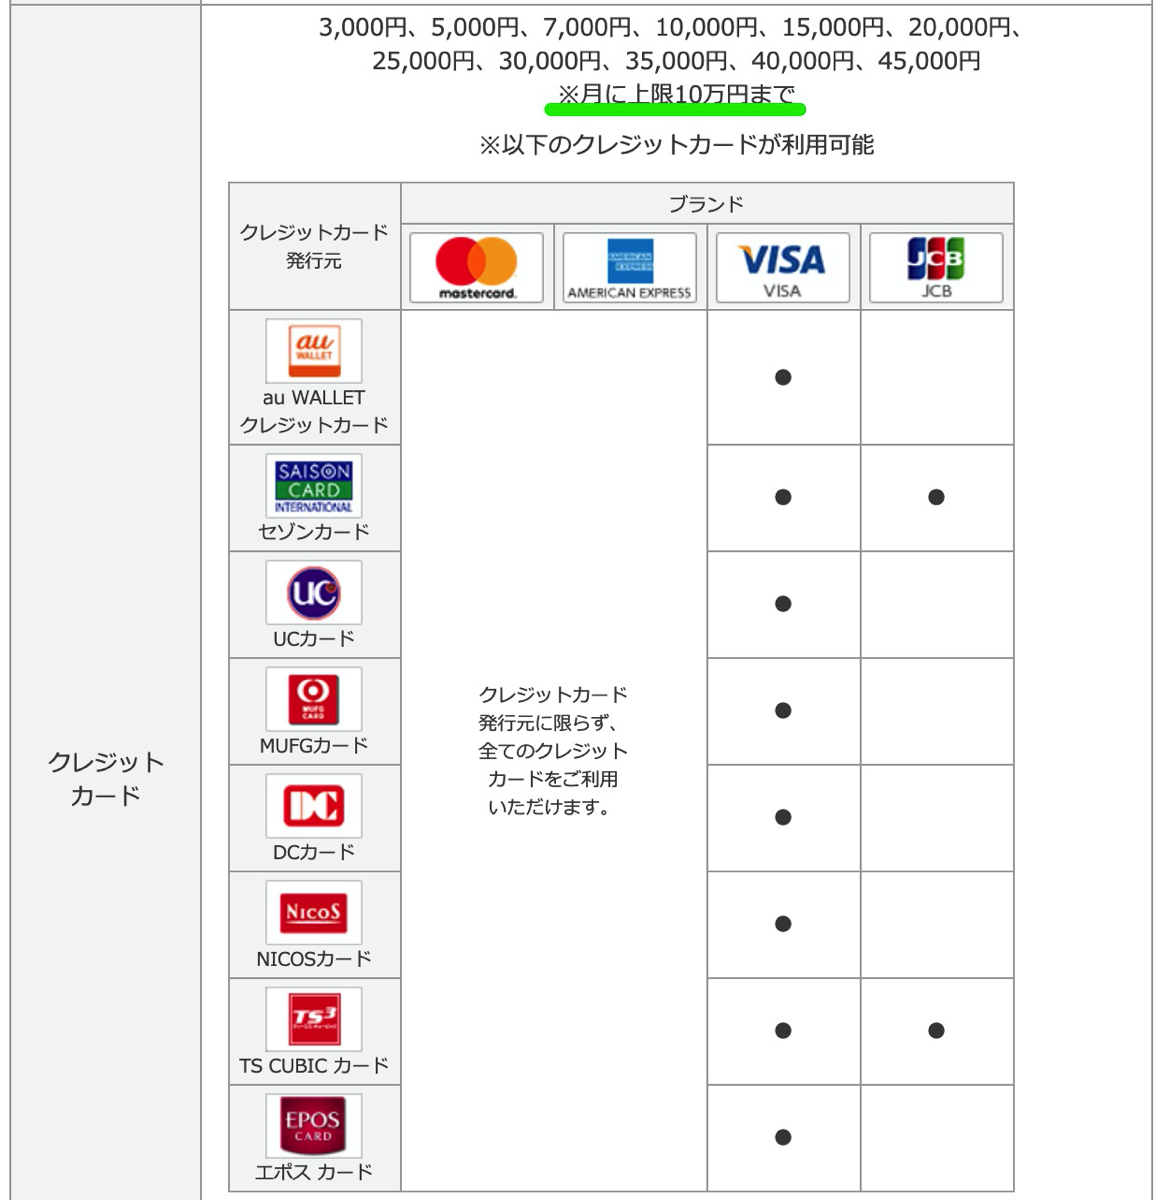 クレジットカードからのチャージは上限10万円/月